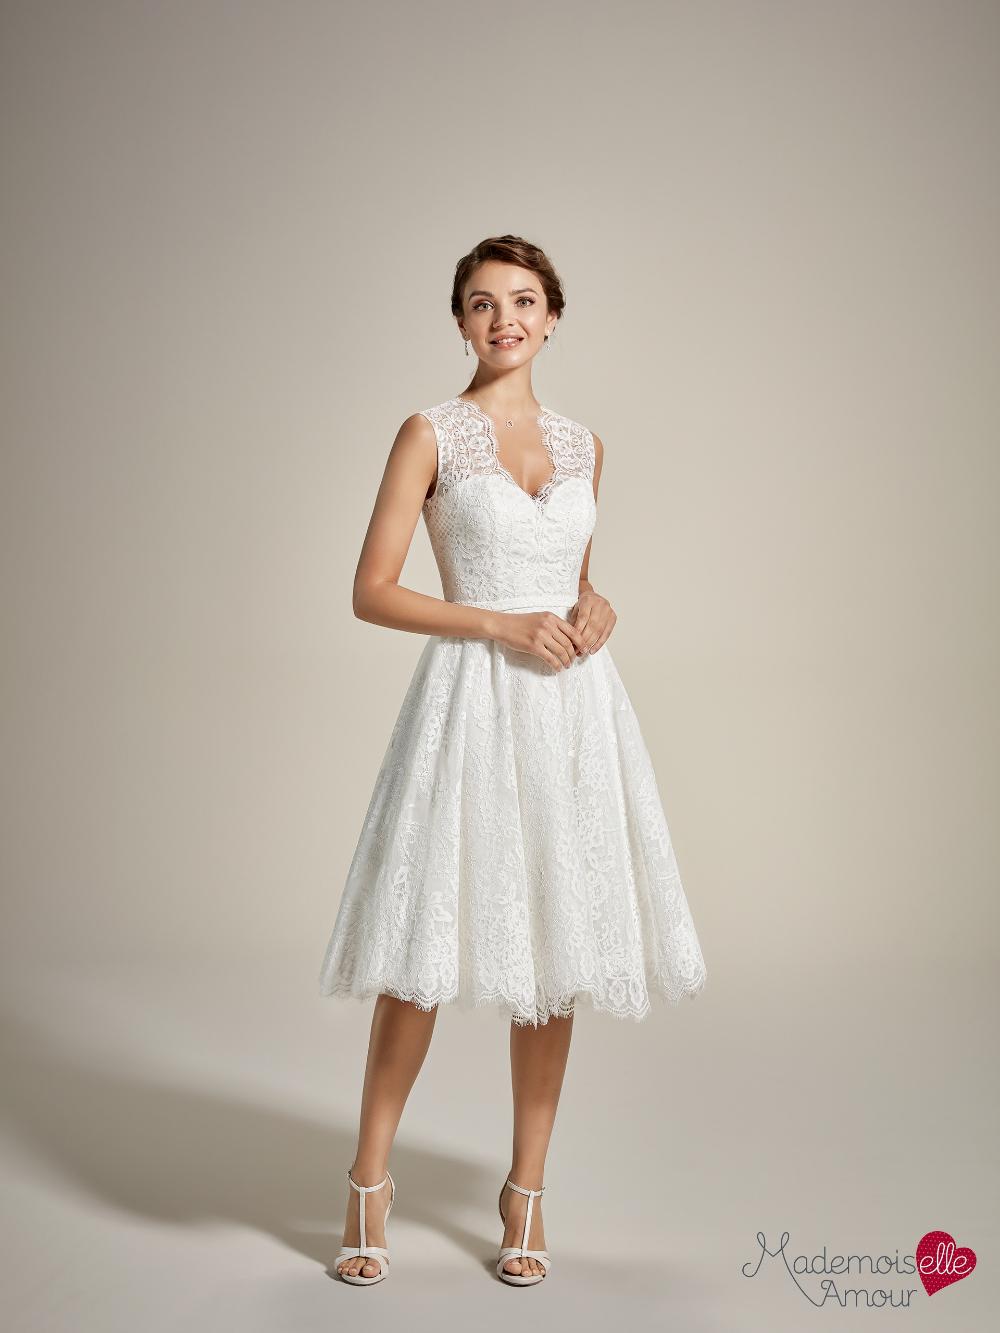 Robe de mariée courte dentelle | Melle Fleurelle